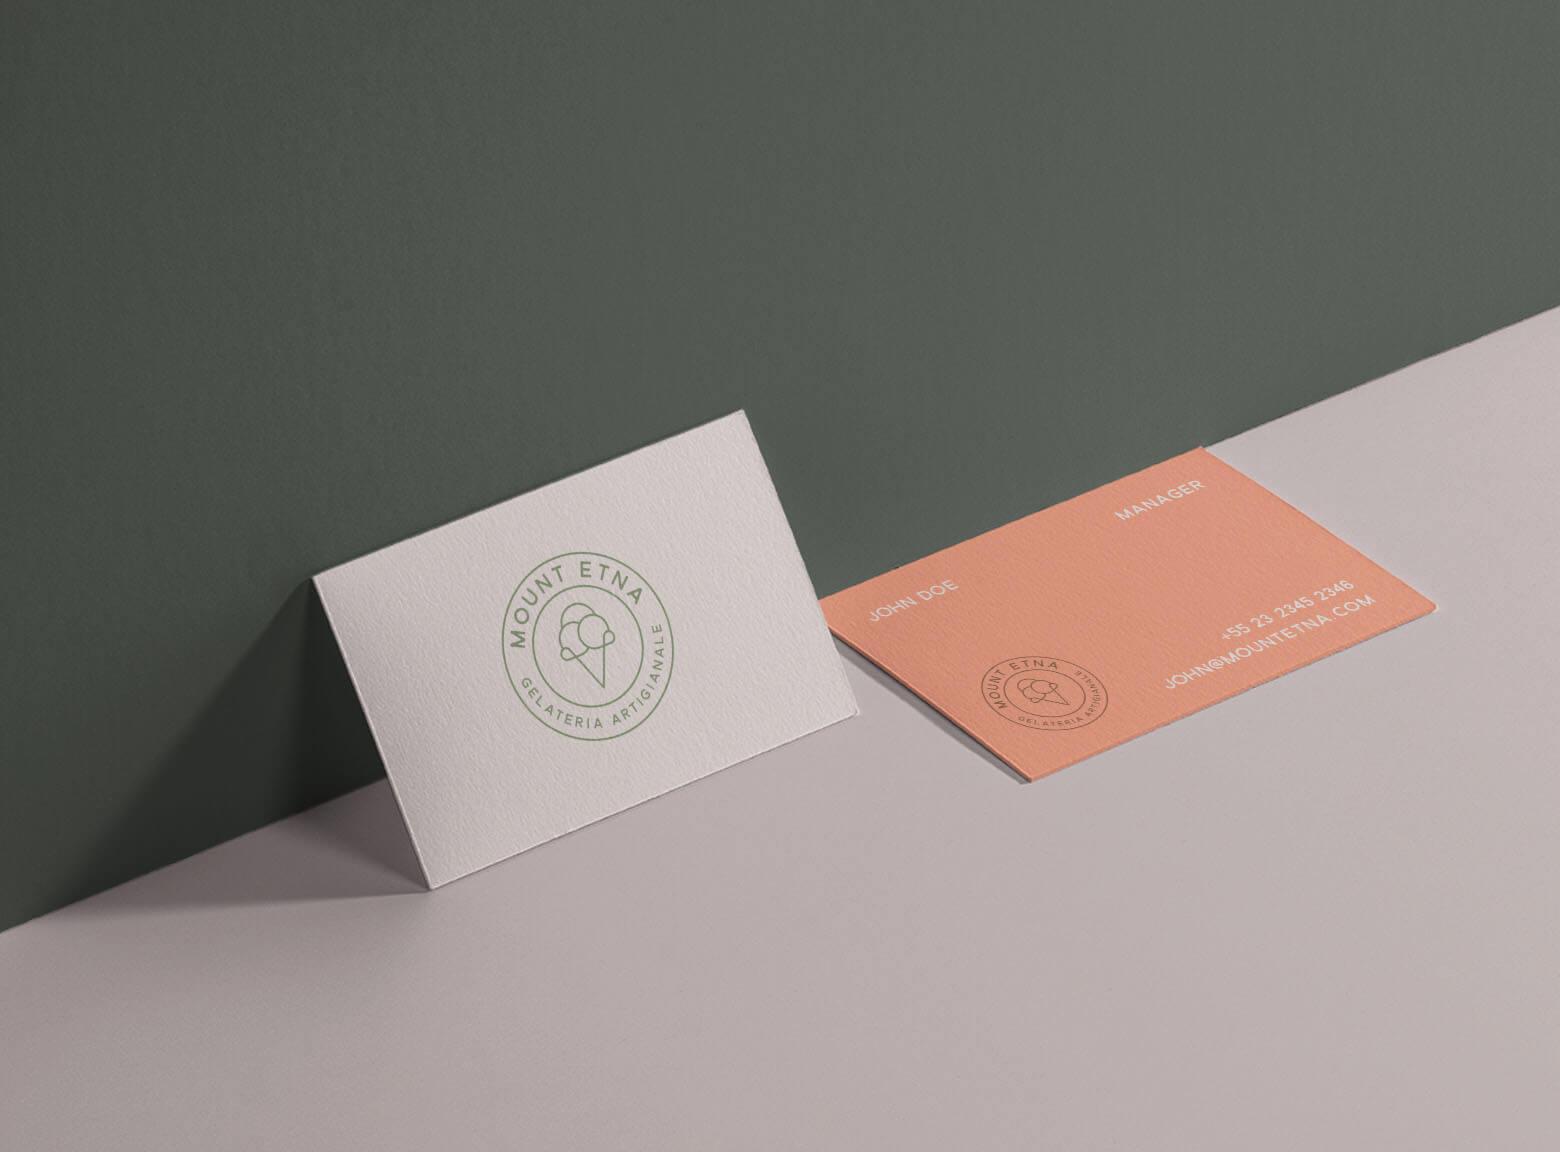 mount_etna_businesscard_design